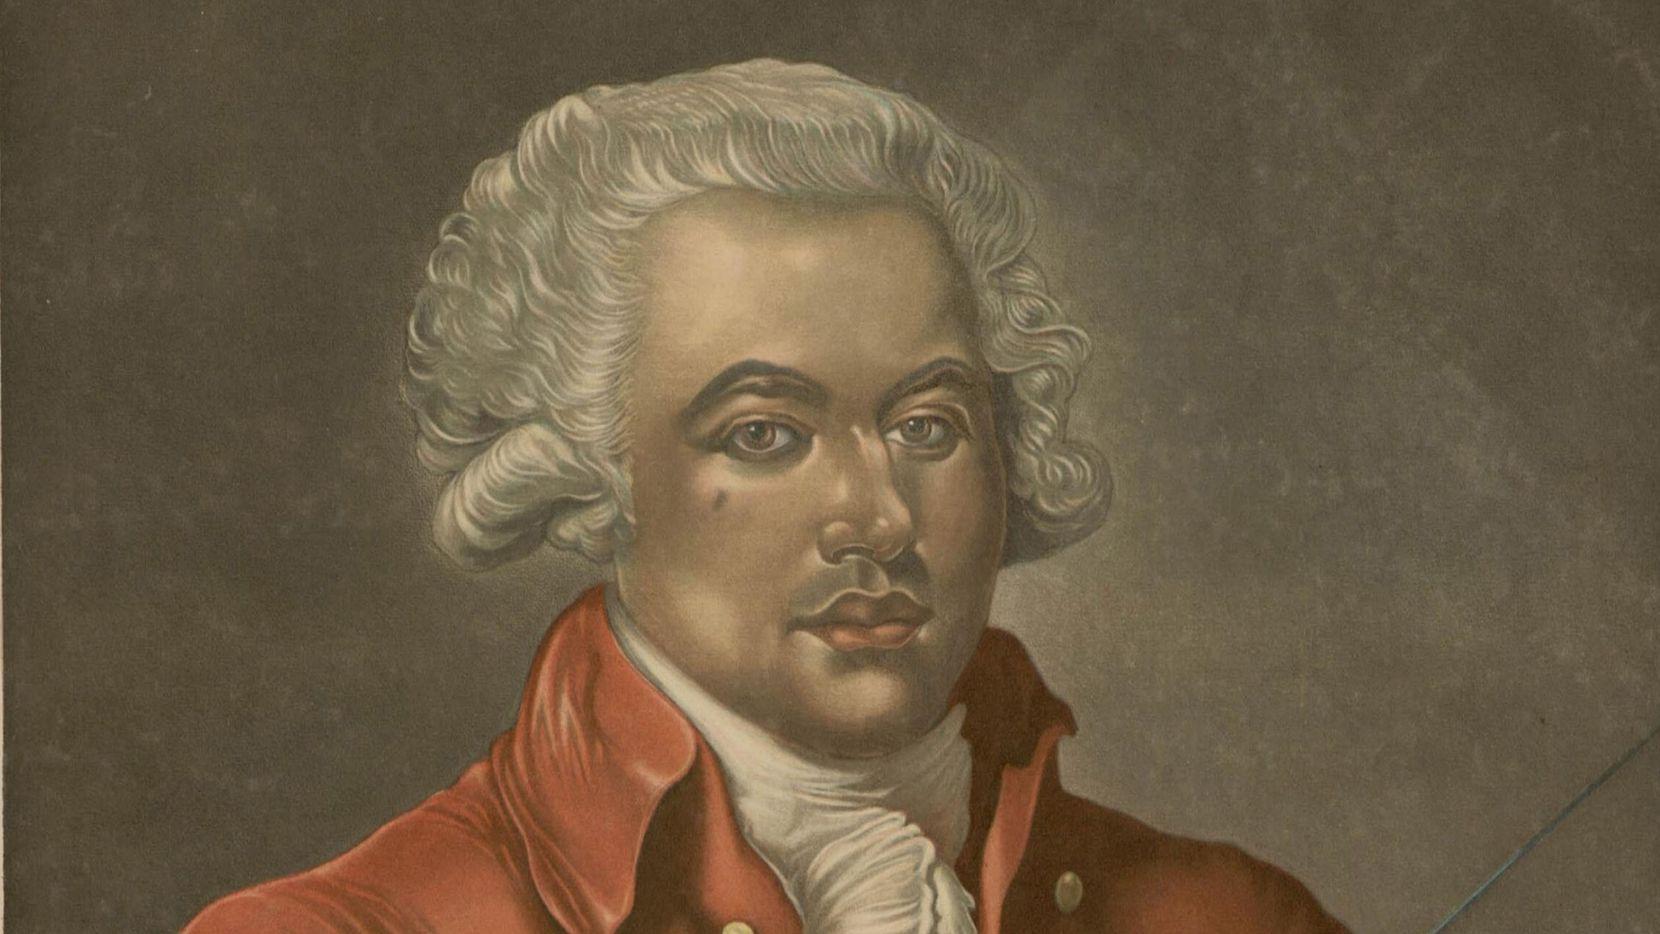 Portrait of Joseph Bologne, also known as Chevalier de Saint-Georges (1745-1799), circa 1780. Found in the collection of Bibliothèque de l'Ecole Nationale des Beaux Arts.